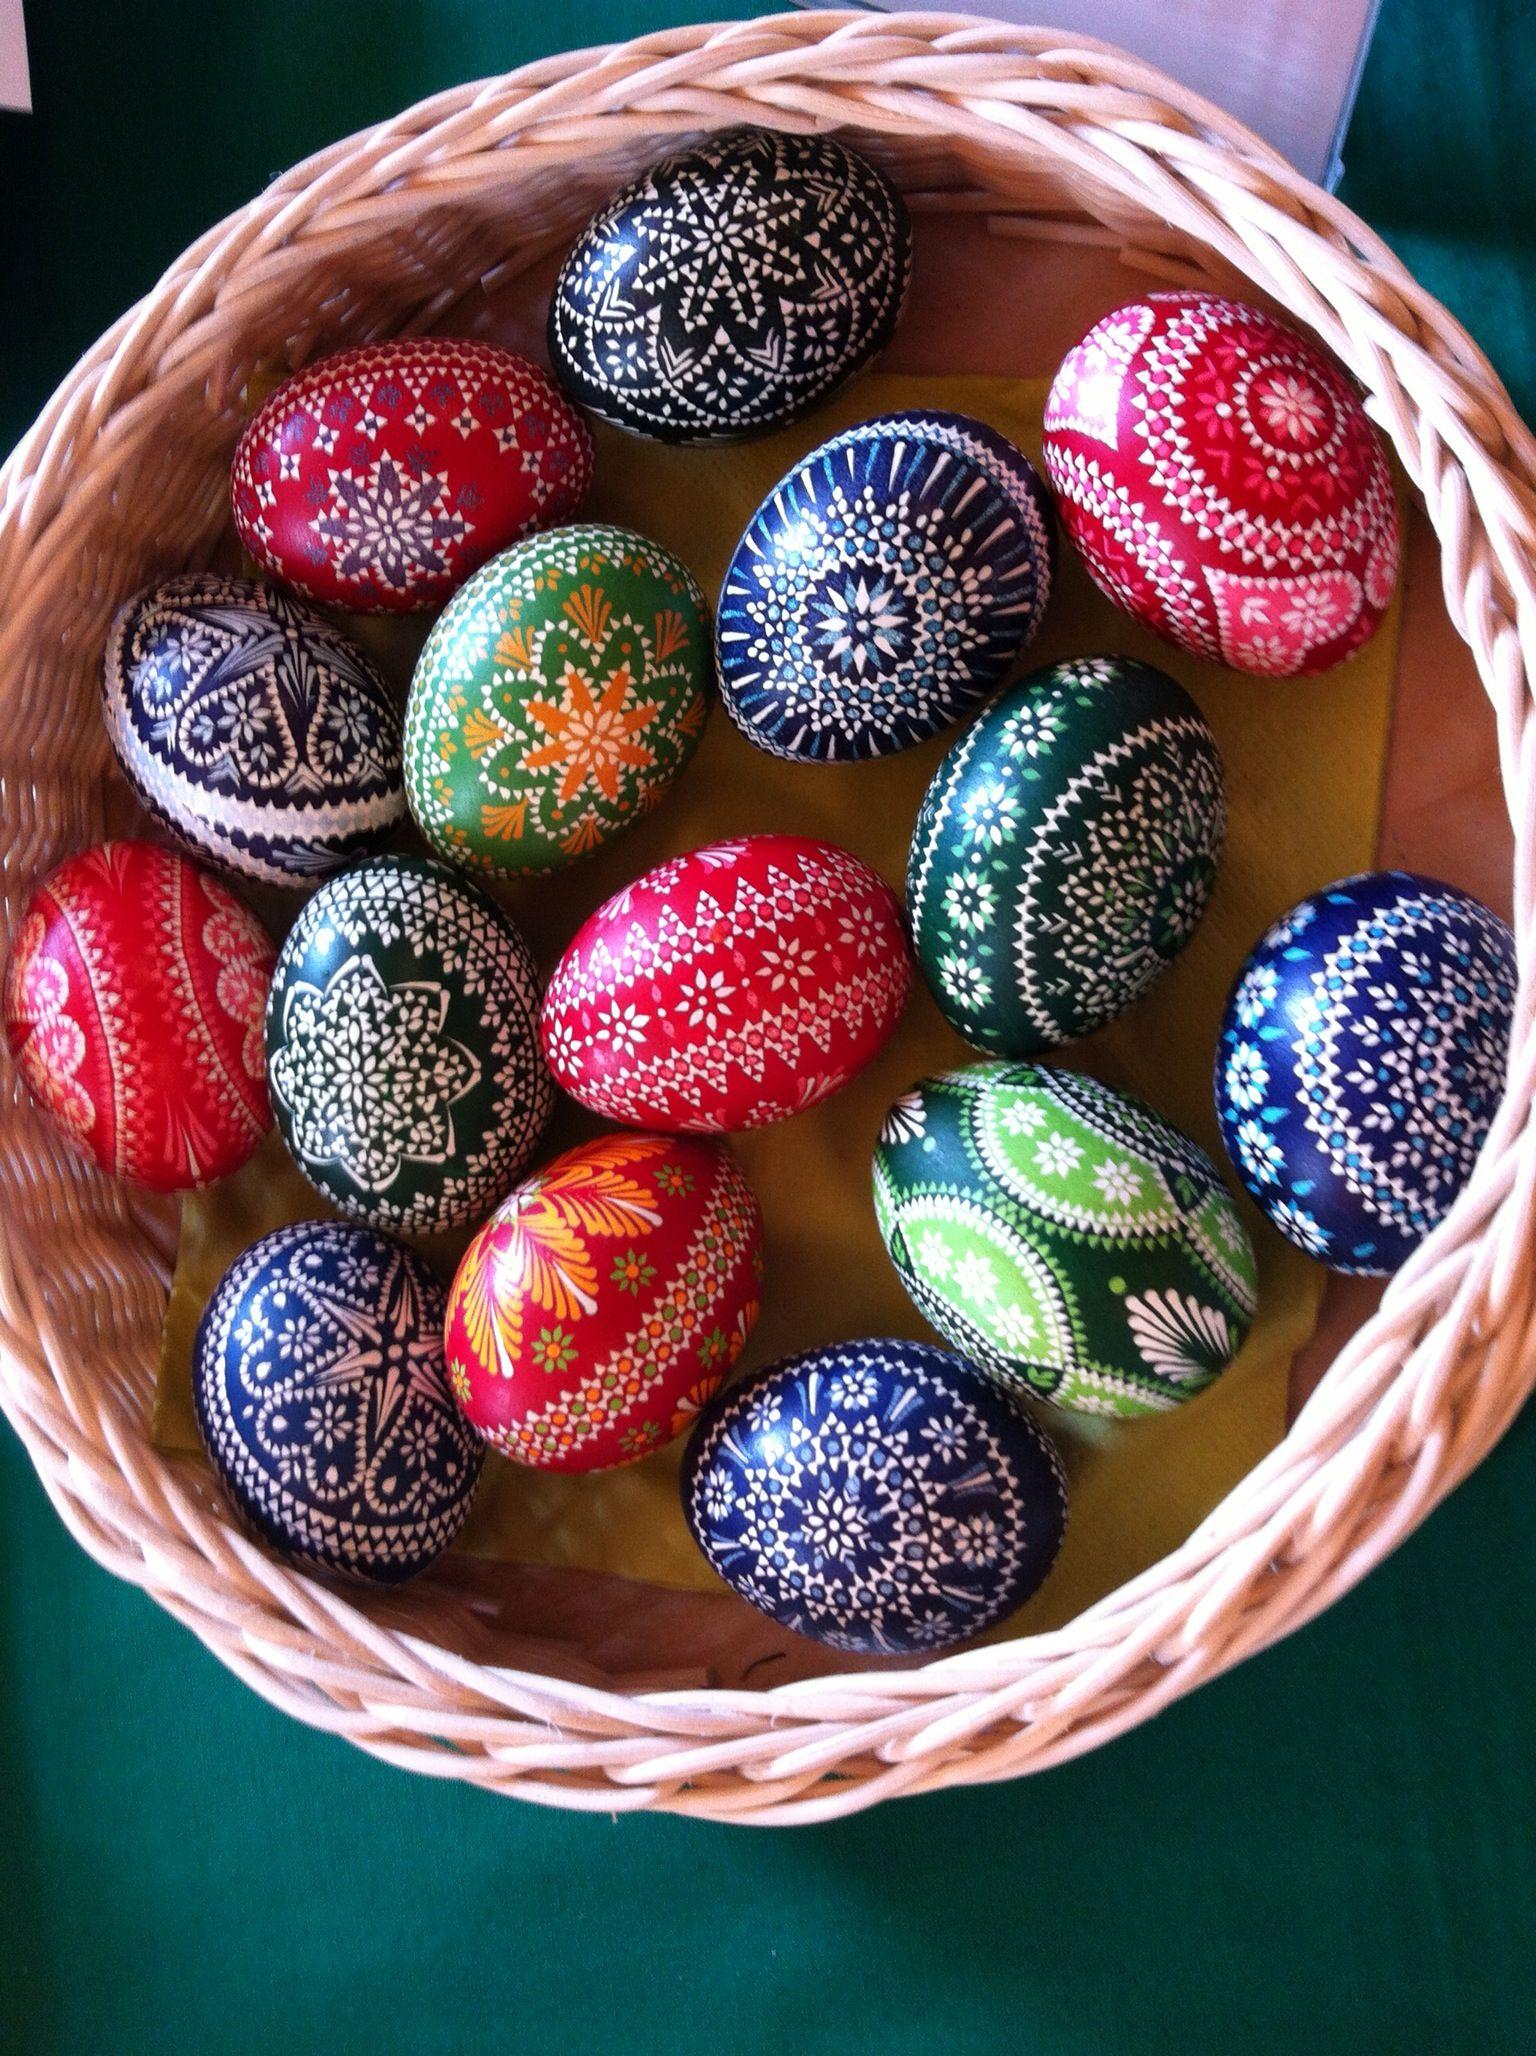 sorbische ostereier sorbain easter eggs ostern. Black Bedroom Furniture Sets. Home Design Ideas